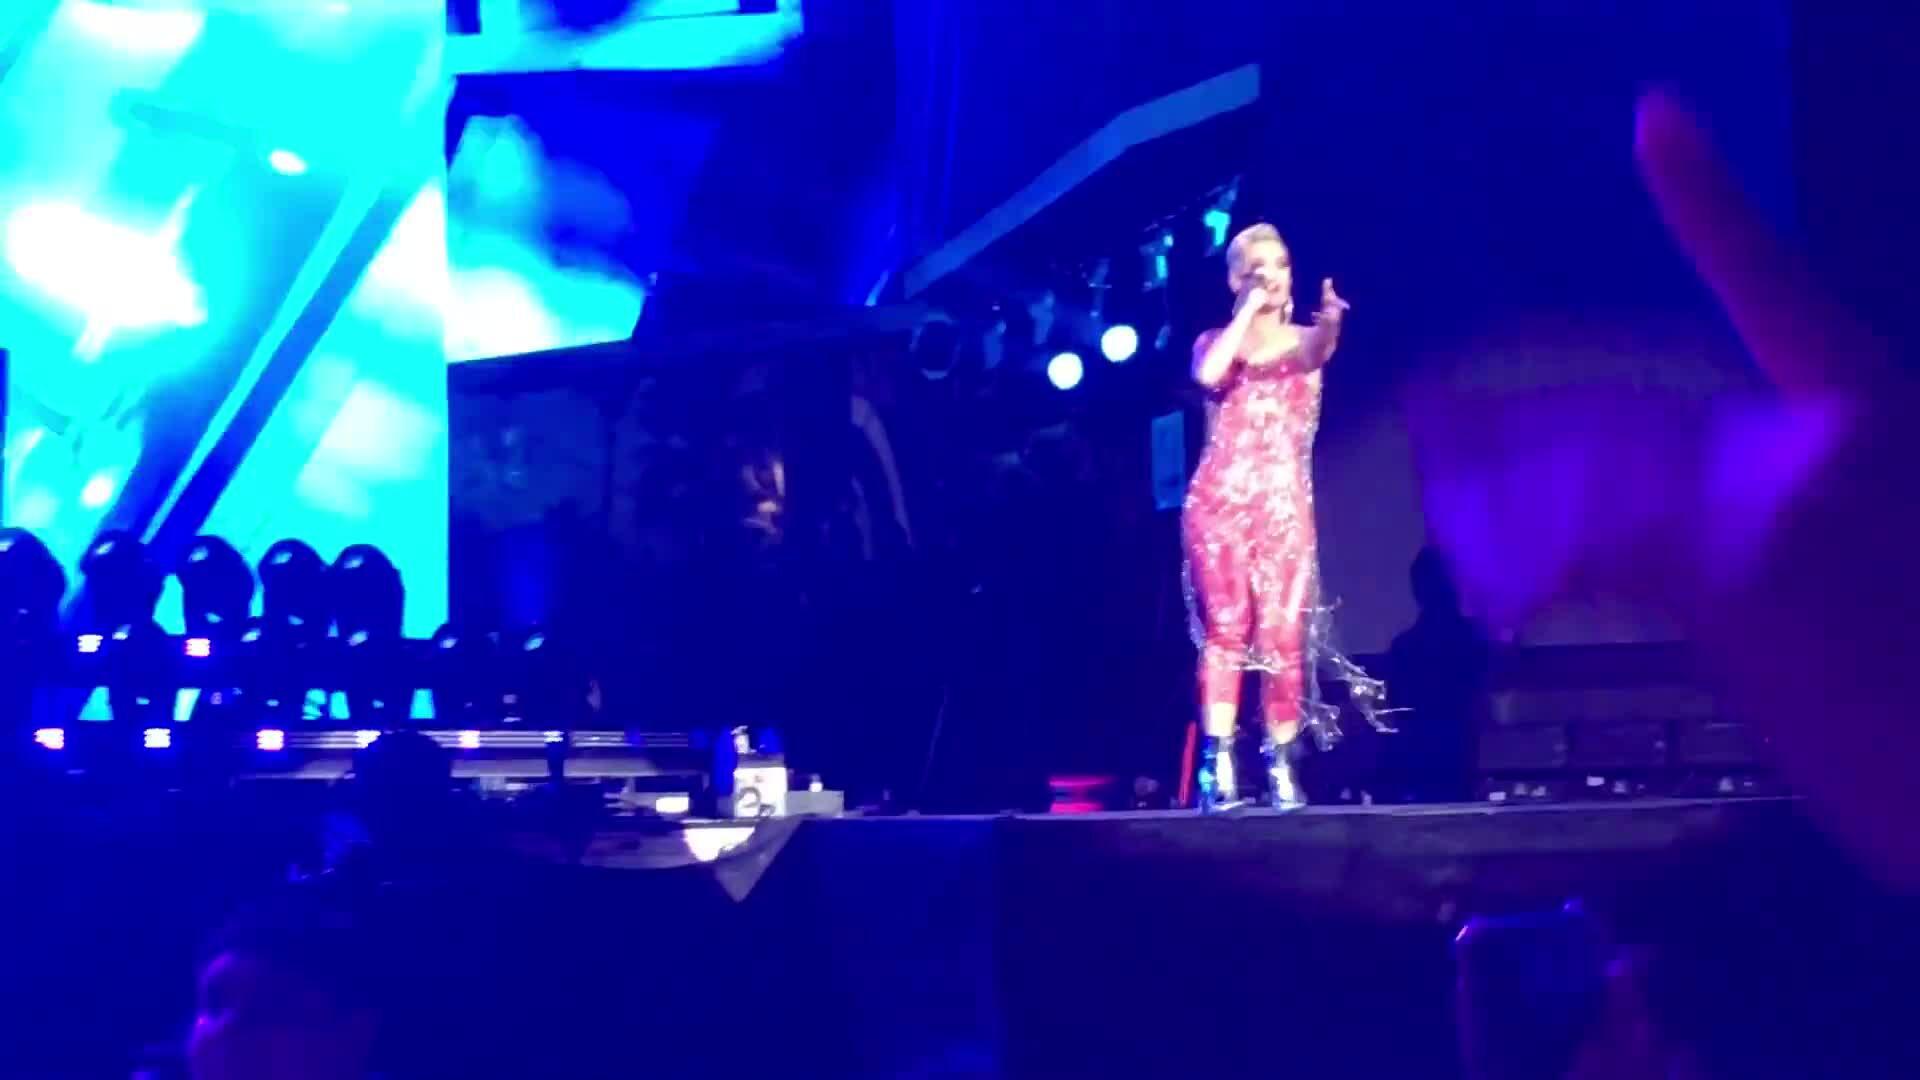 '365' – Katy Perry & Zedd